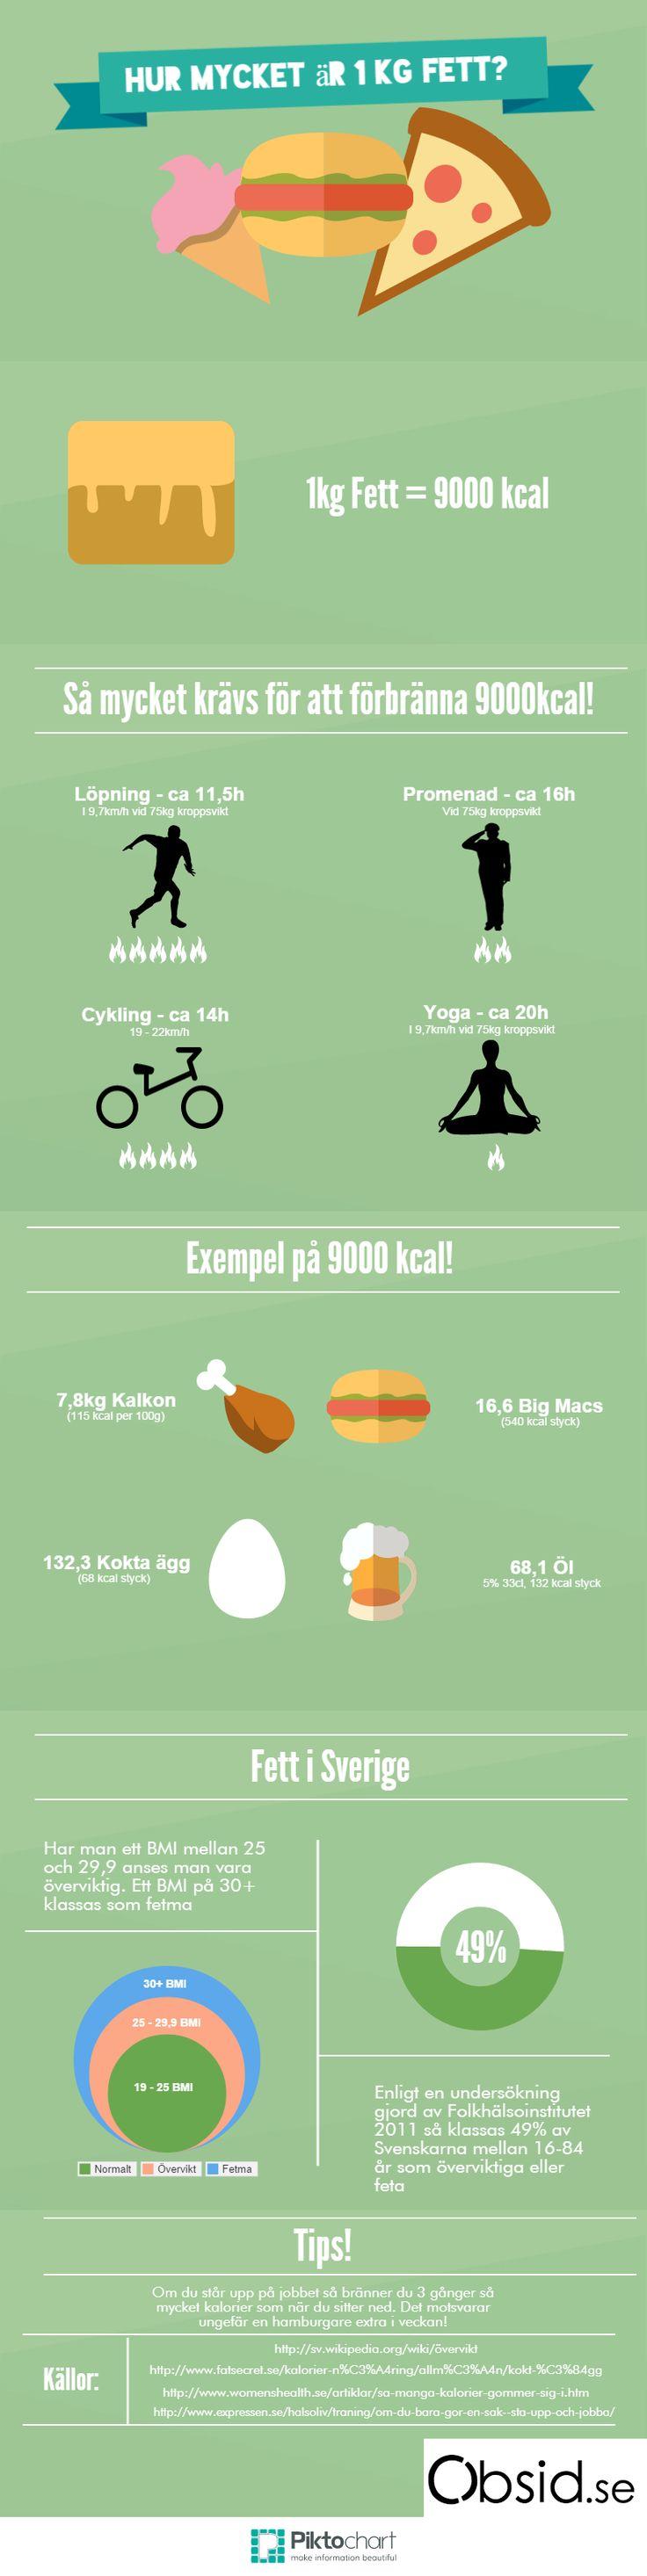 Hur mycket är ett kilo fett? Du är inte ensam om du undrar det. Grundläggande koll på kost och hälsa är kritiskt för att man inte skall bli fet som en gris.